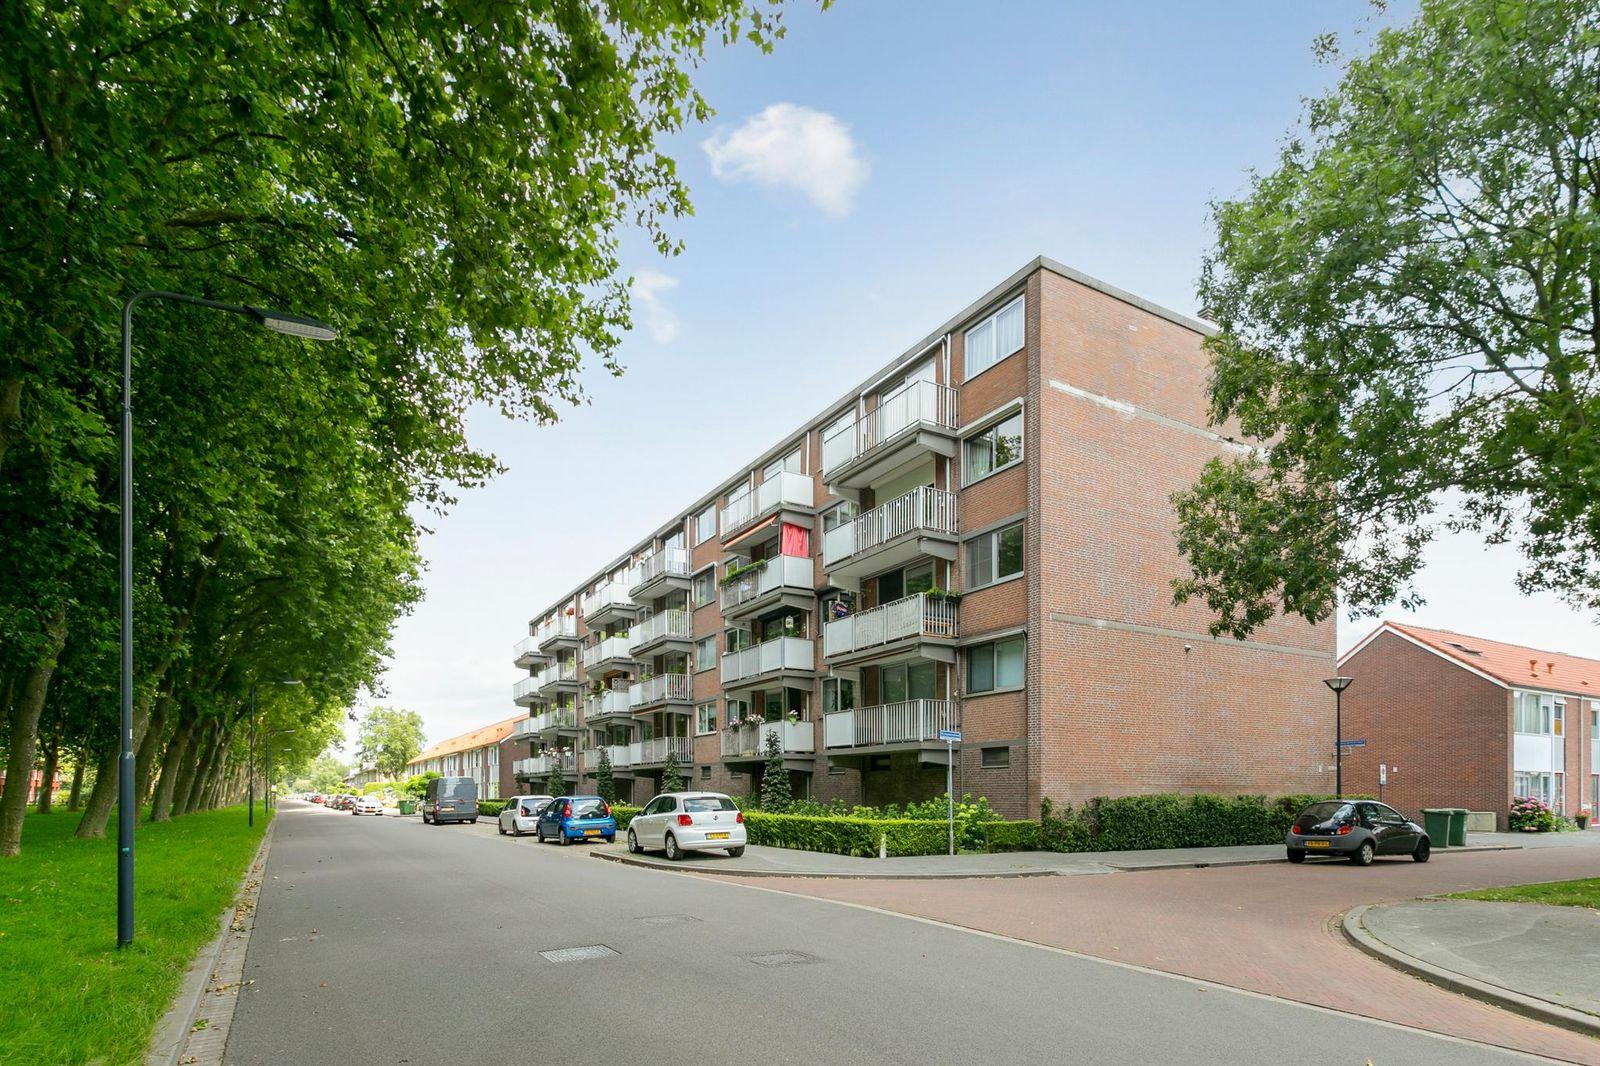 Rijnauwenstraat 53, Breda